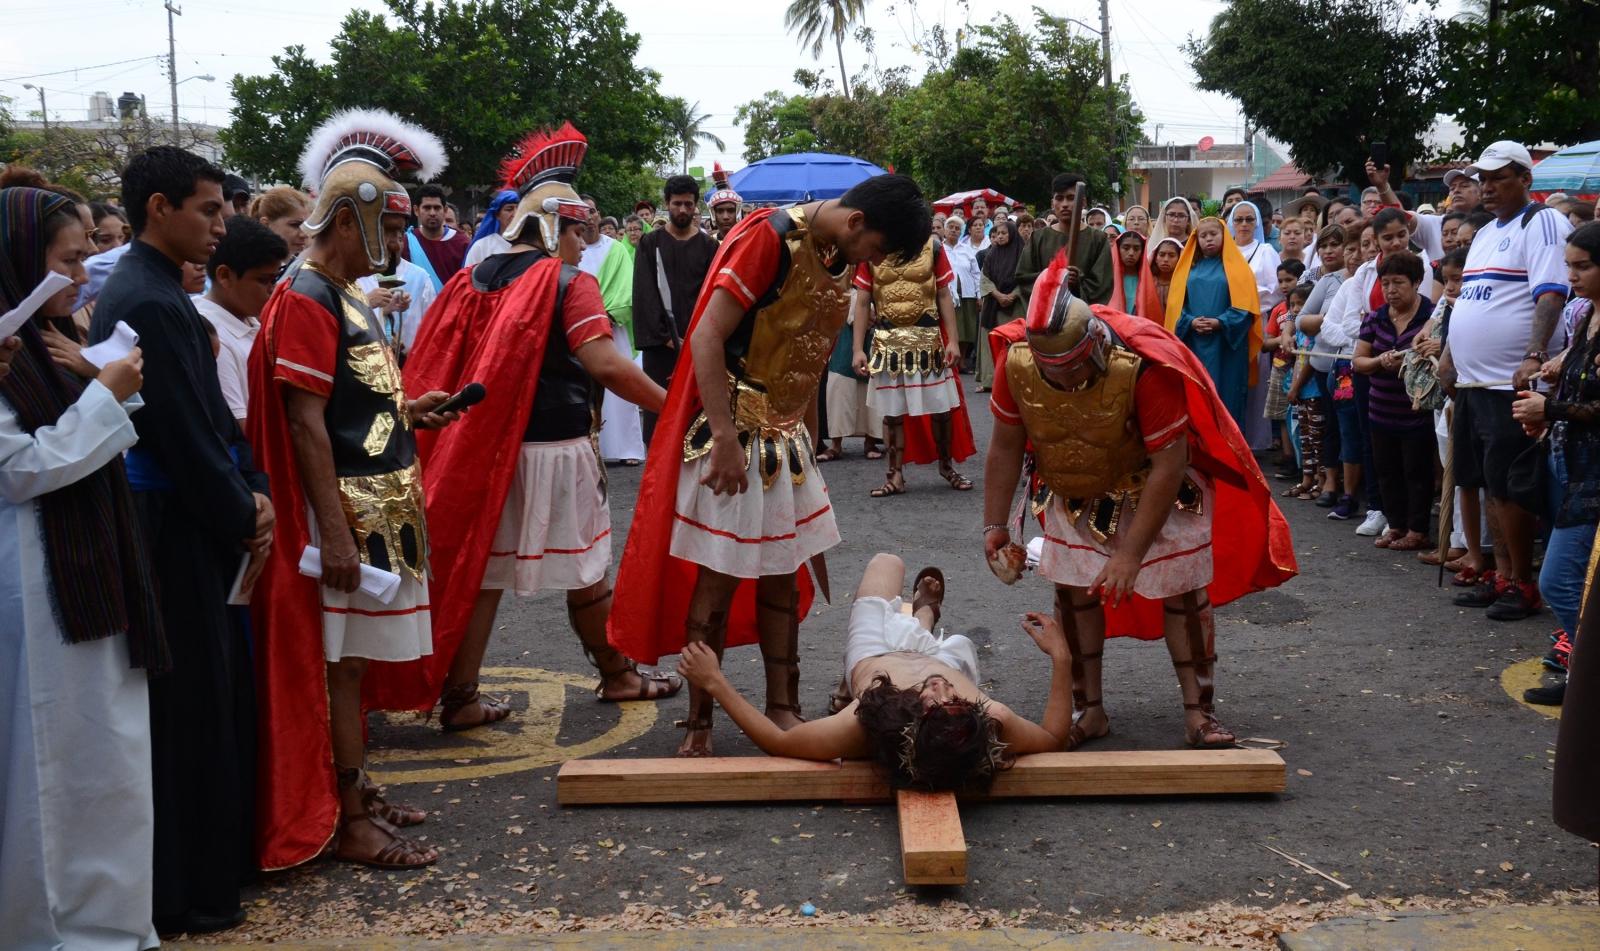 Droga Krzyżowa w Boca del Rio. fot. EPA/Luis Monroy